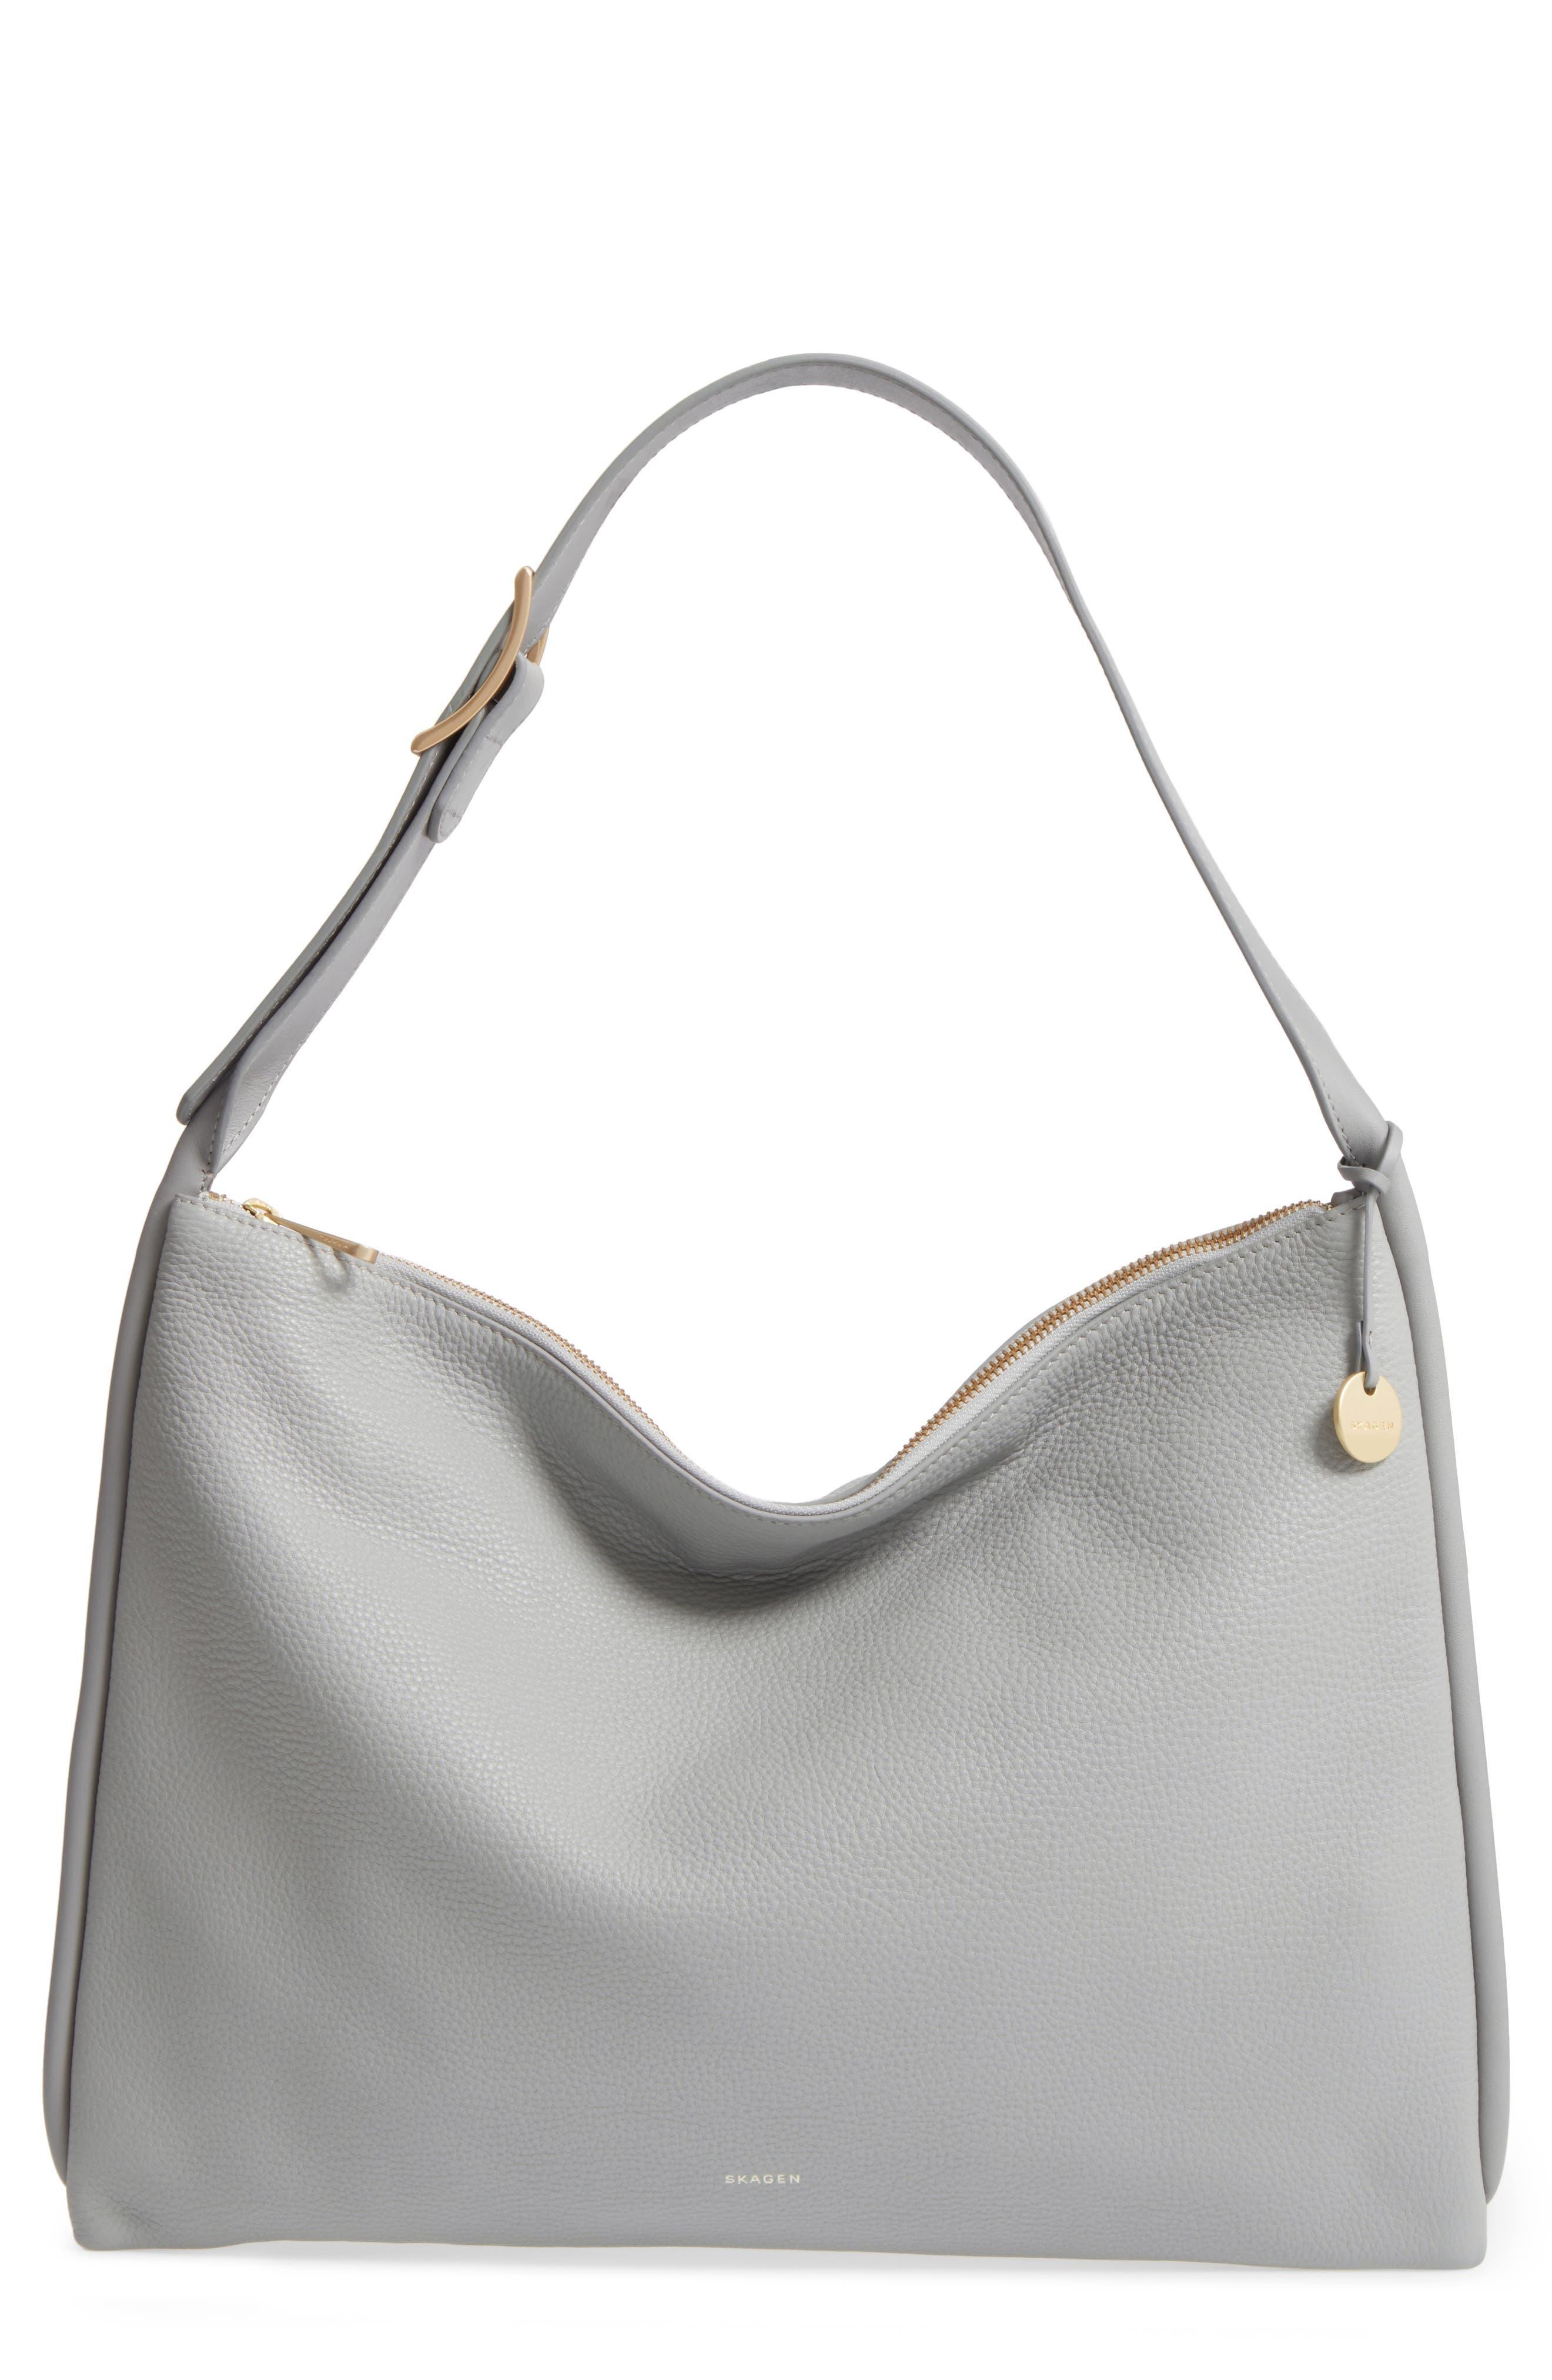 Anesa Leather Shoulder Bag,                         Main,                         color, 022